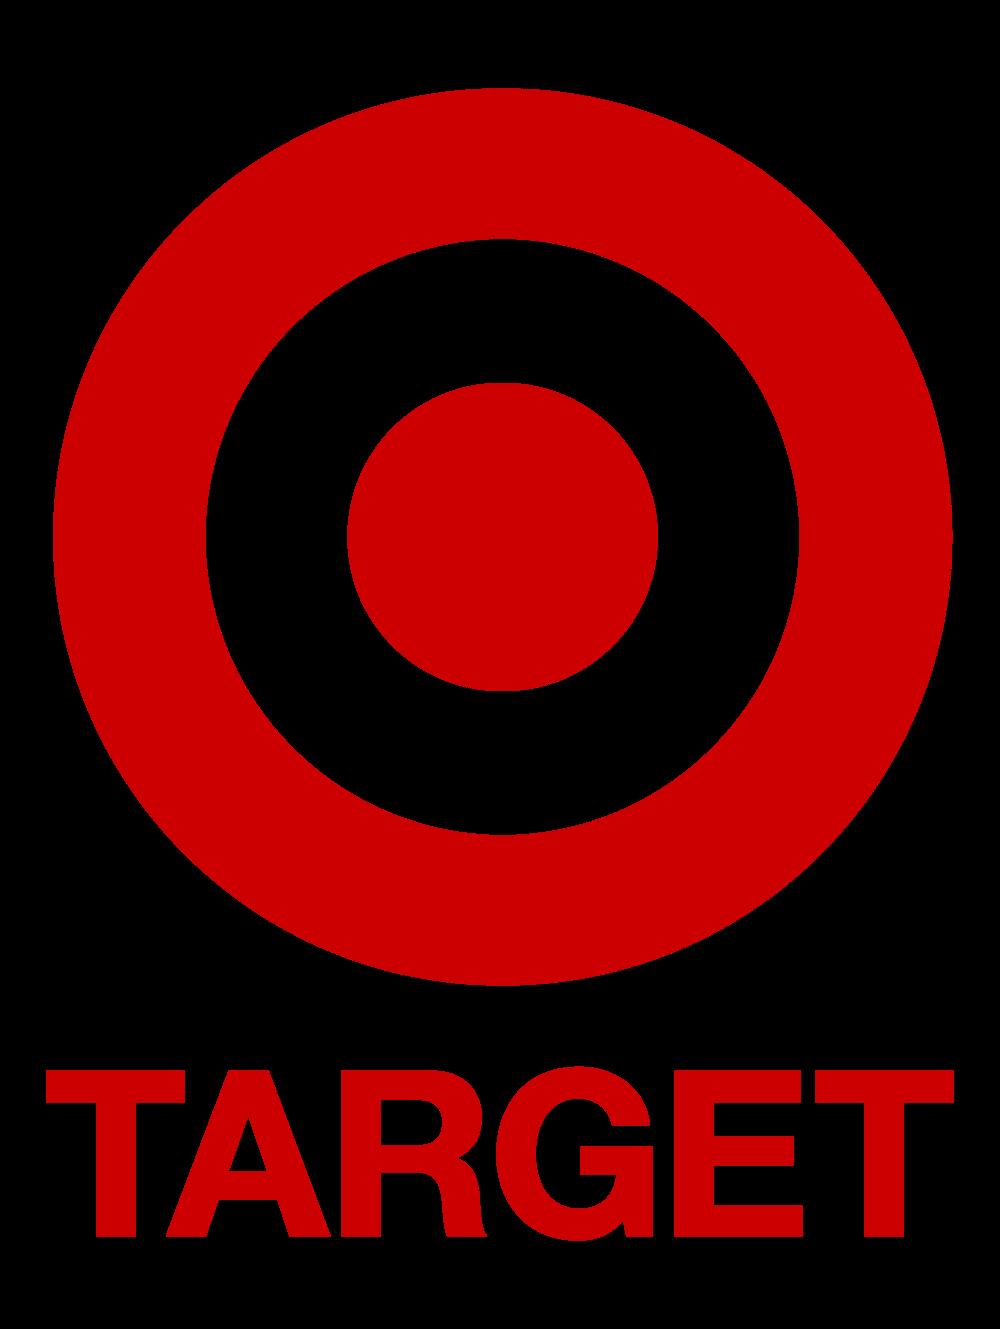 Target Logo - National Client List Premier Lawn Care Nashville